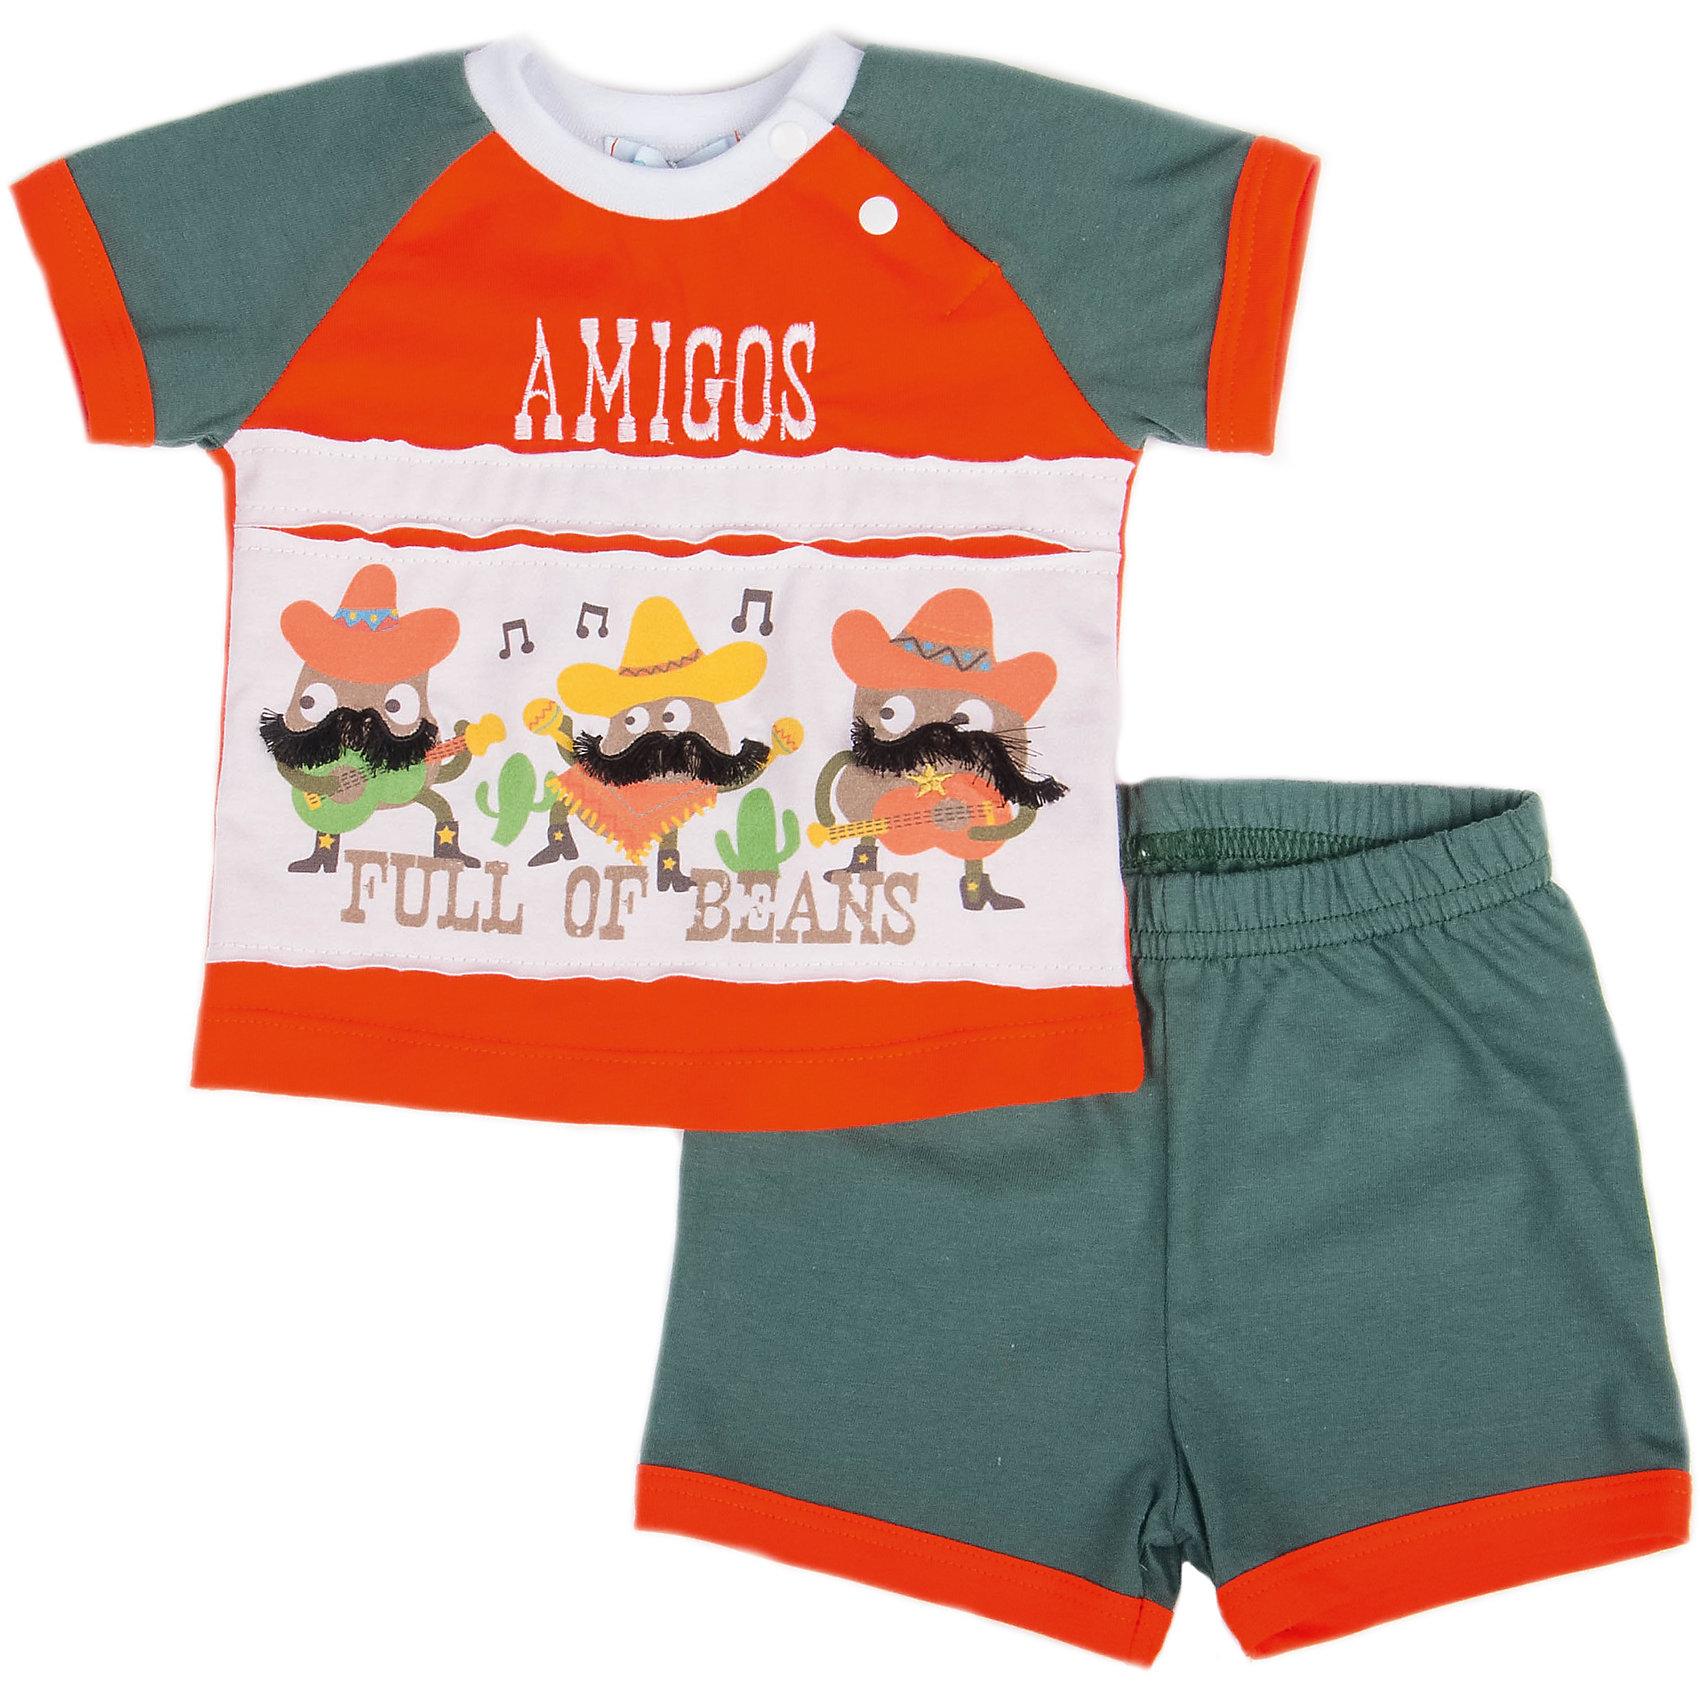 Комплект: футболка и шорты для мальчика БимошаКомплект: футболка и шорты для мальчика от марки Бимоша.<br>Джемпер украшен оригинальной печатью.  Шорты  однотонные на резинке<br>Состав:<br> кулирная гладь 100%хлопок<br><br>Ширина мм: 199<br>Глубина мм: 10<br>Высота мм: 161<br>Вес г: 151<br>Цвет: оранжевый<br>Возраст от месяцев: 3<br>Возраст до месяцев: 6<br>Пол: Мужской<br>Возраст: Детский<br>Размер: 68,62,74,80,86,92<br>SKU: 4578661